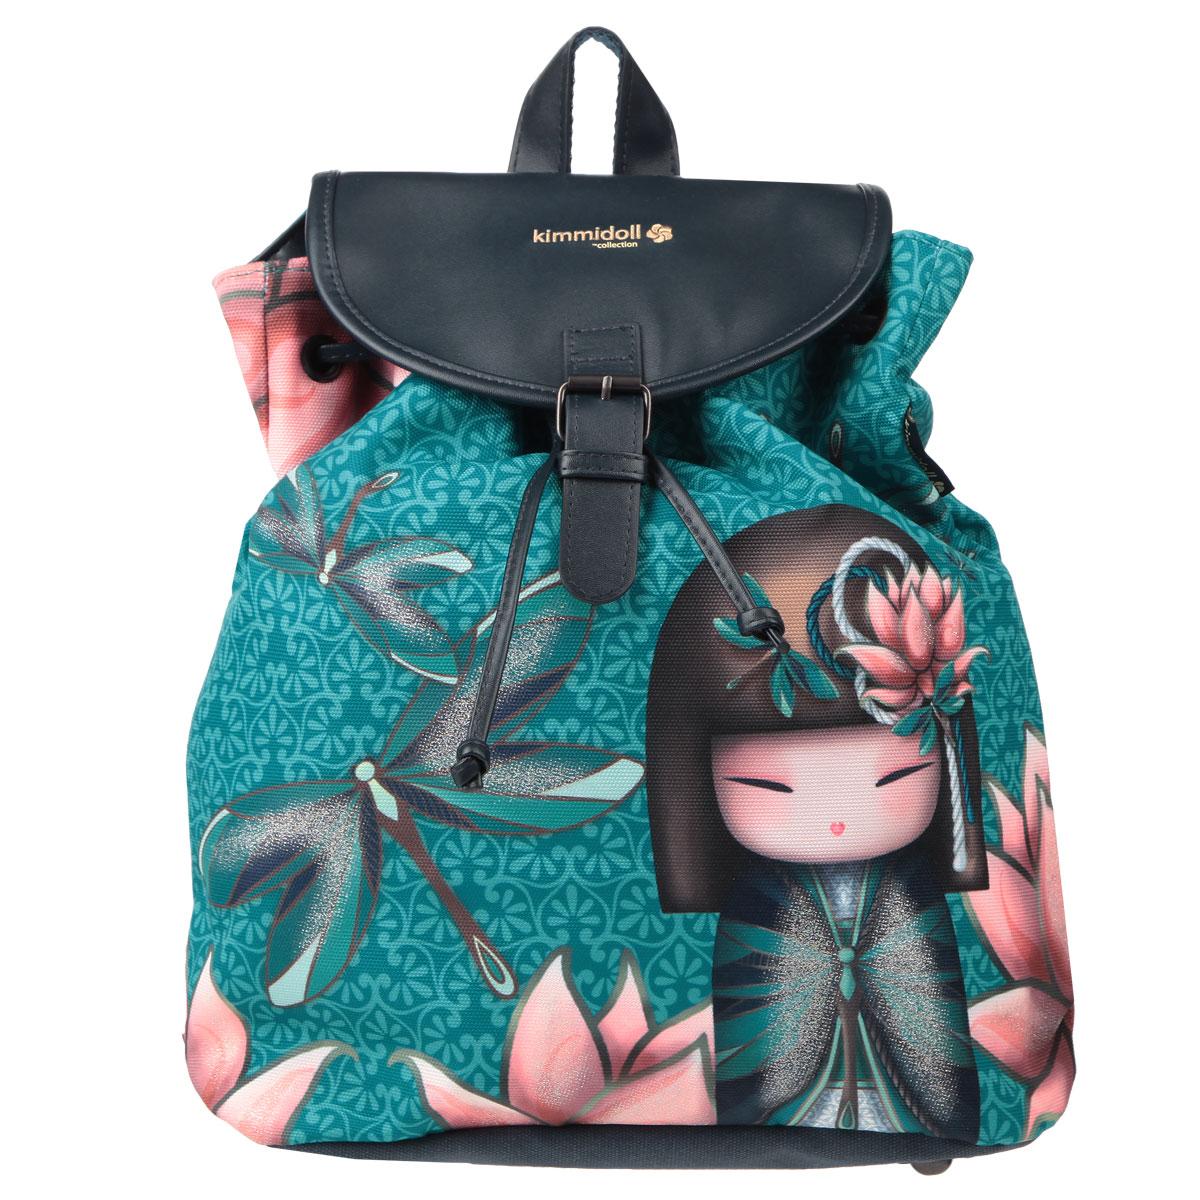 Купить Рюкзак детский Kimmidoll , цвет: бирюзовый, Kinderline International Ltd., Ранцы и рюкзаки